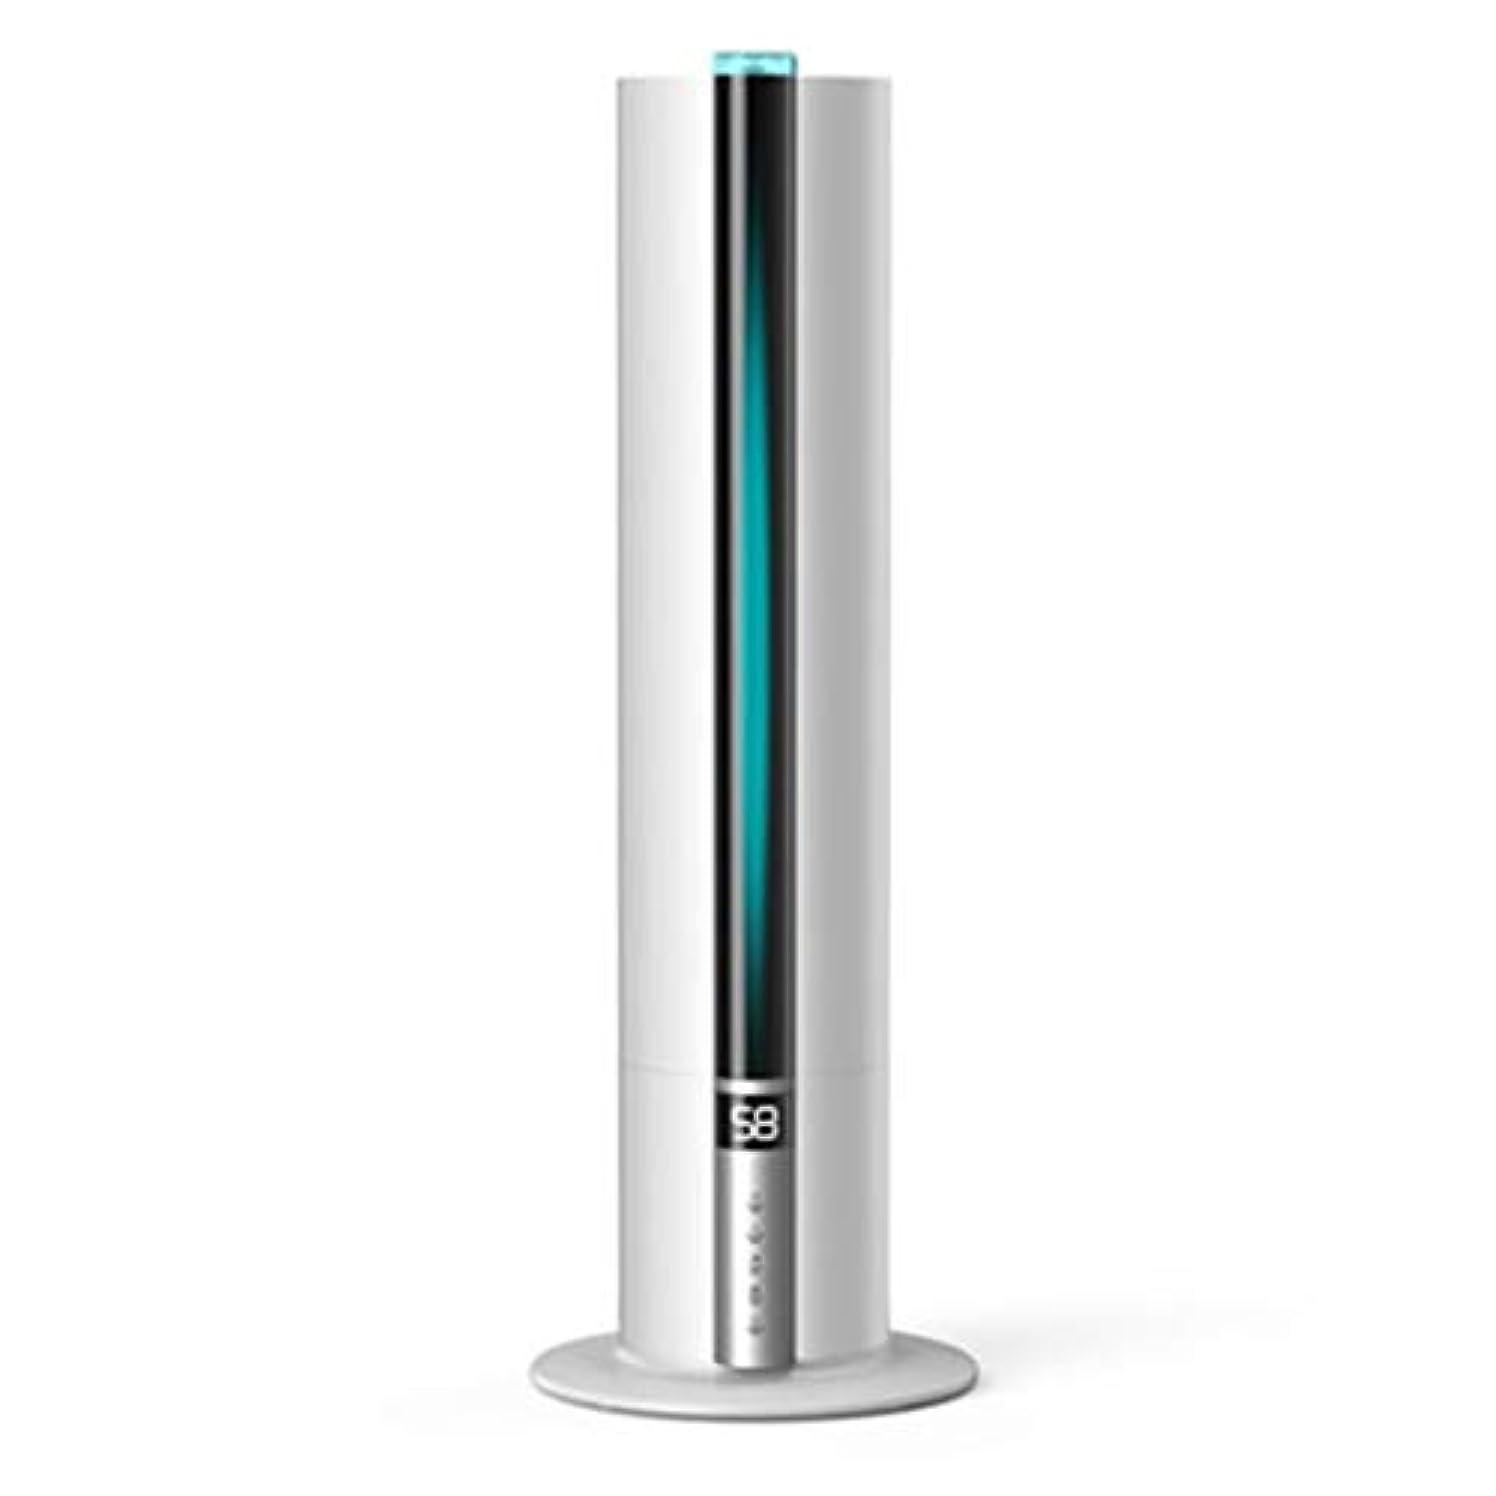 超音波クールミスト加湿器7.5L超静音インテリジェント純恒湿、ウォーターレスオートオフ超静音(色:黒) (Color : White)